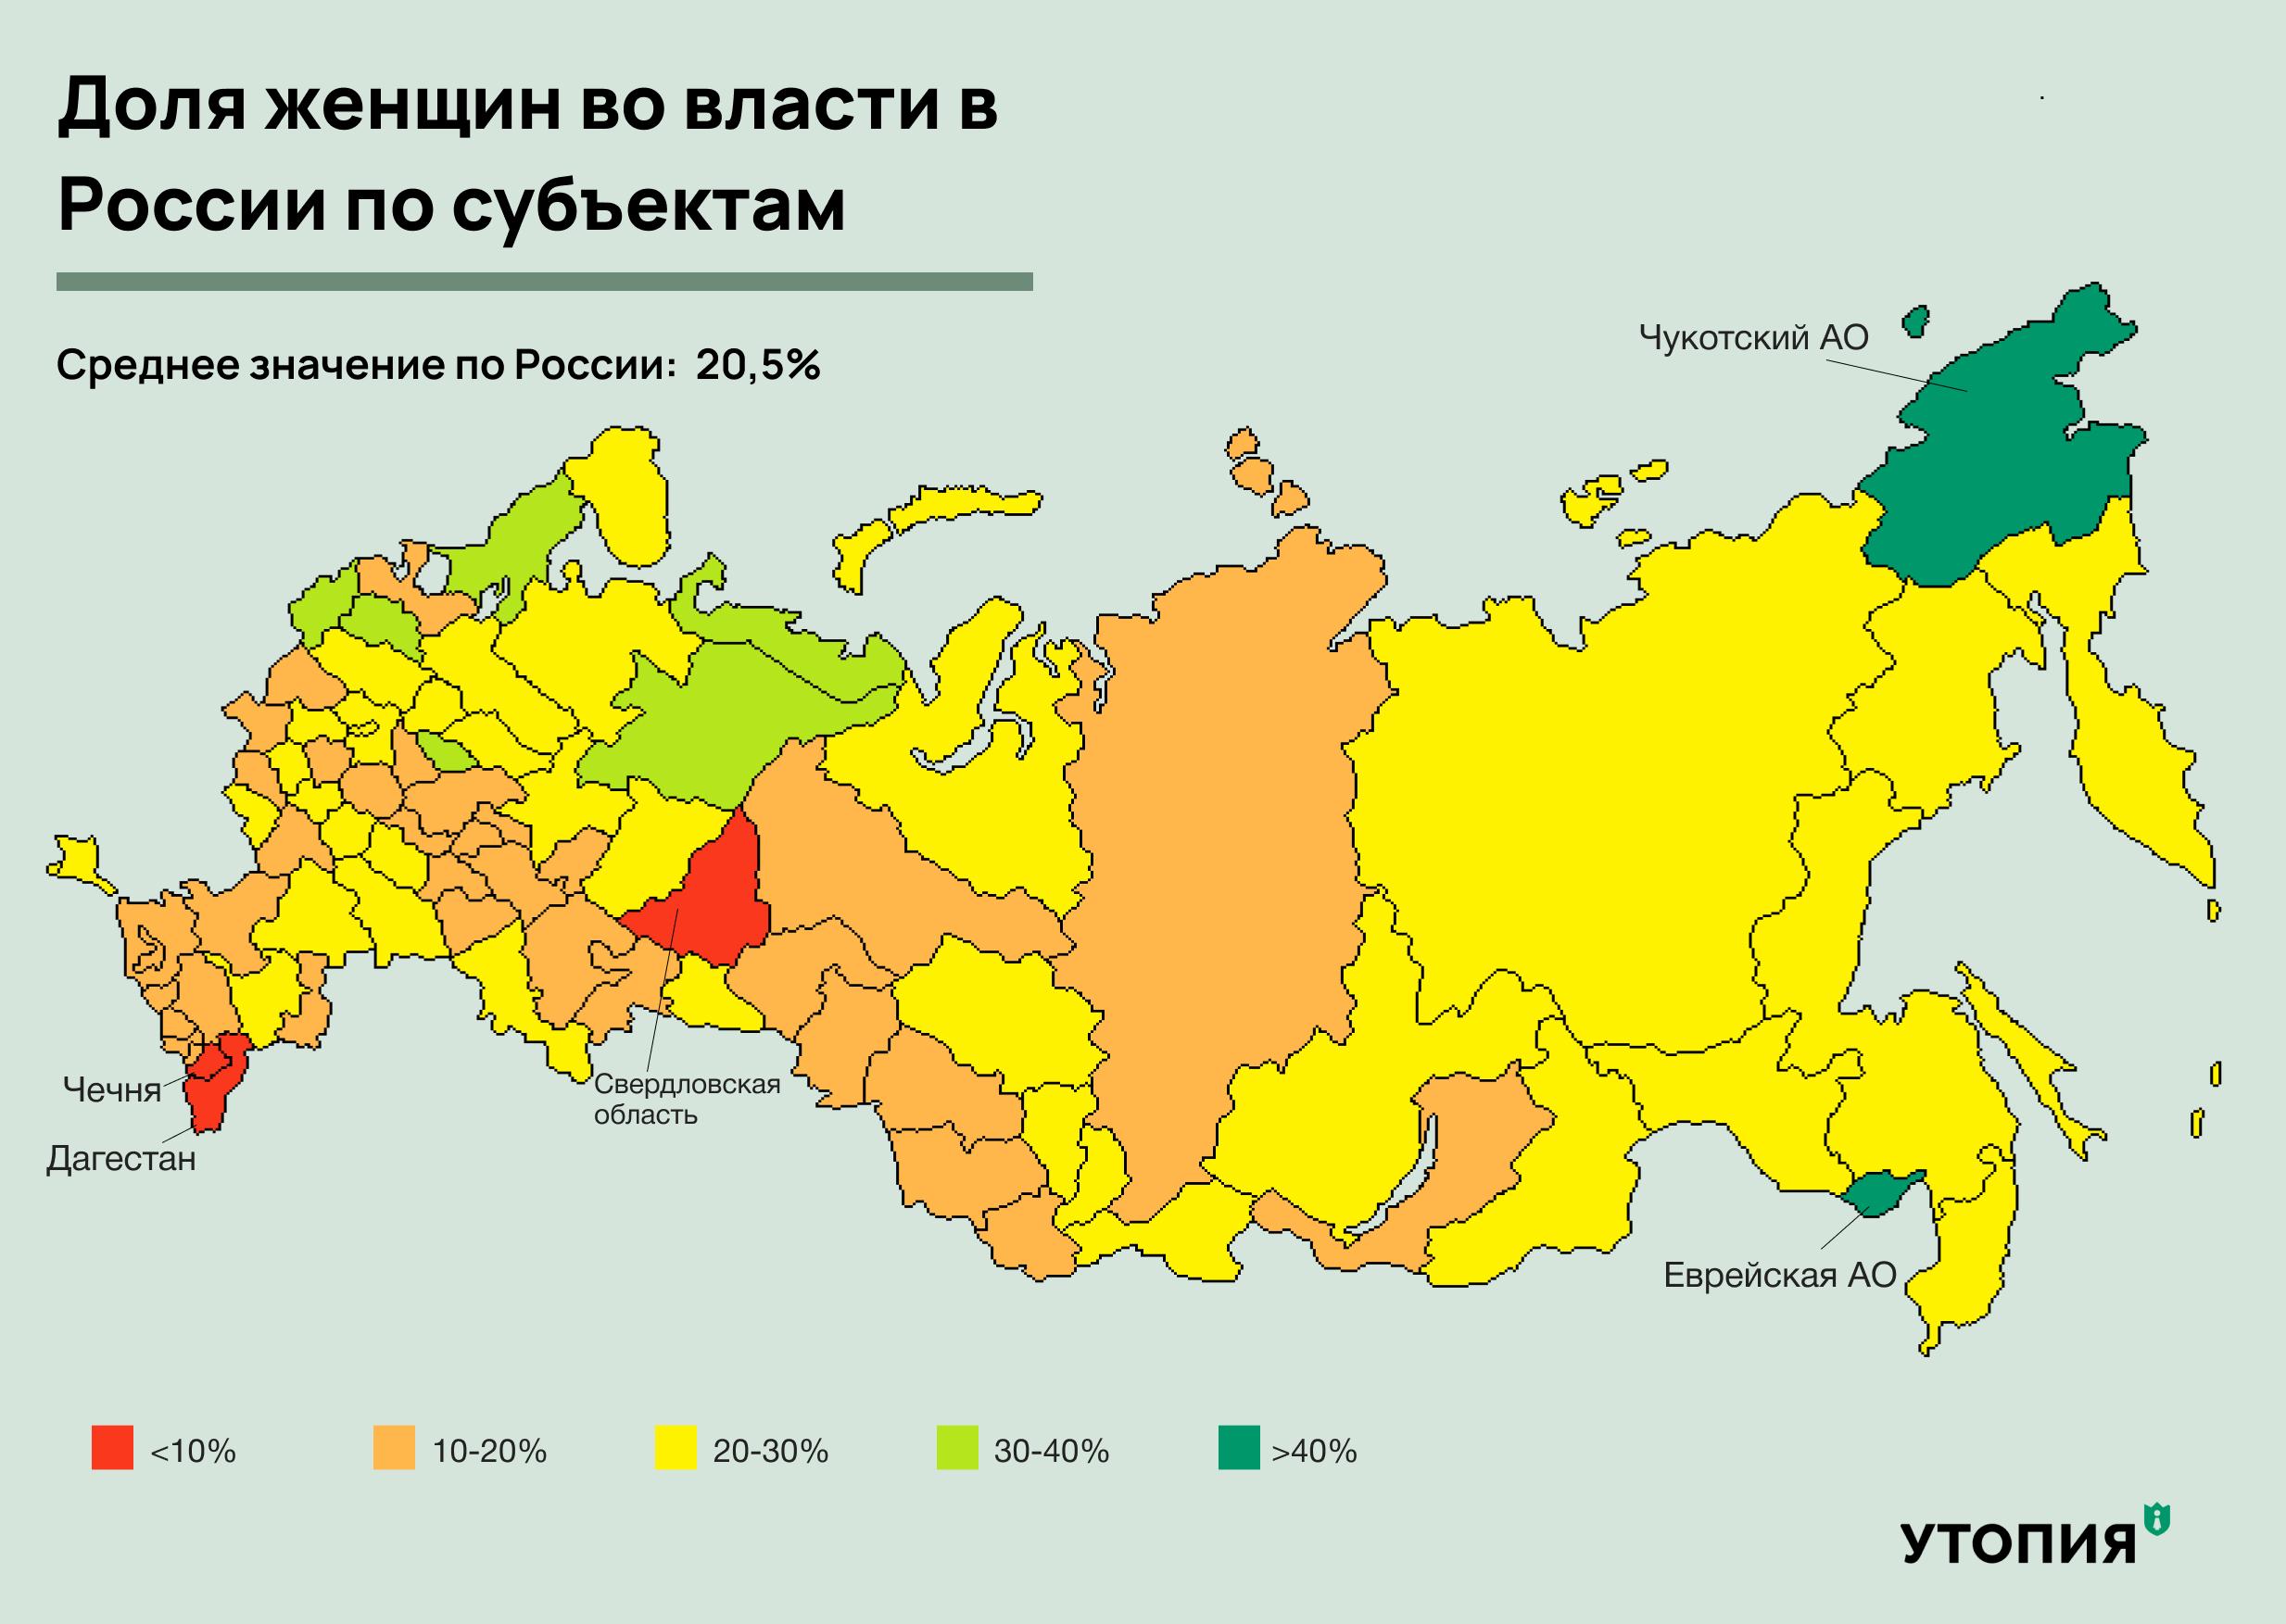 сколько женщин во власти в политике россии